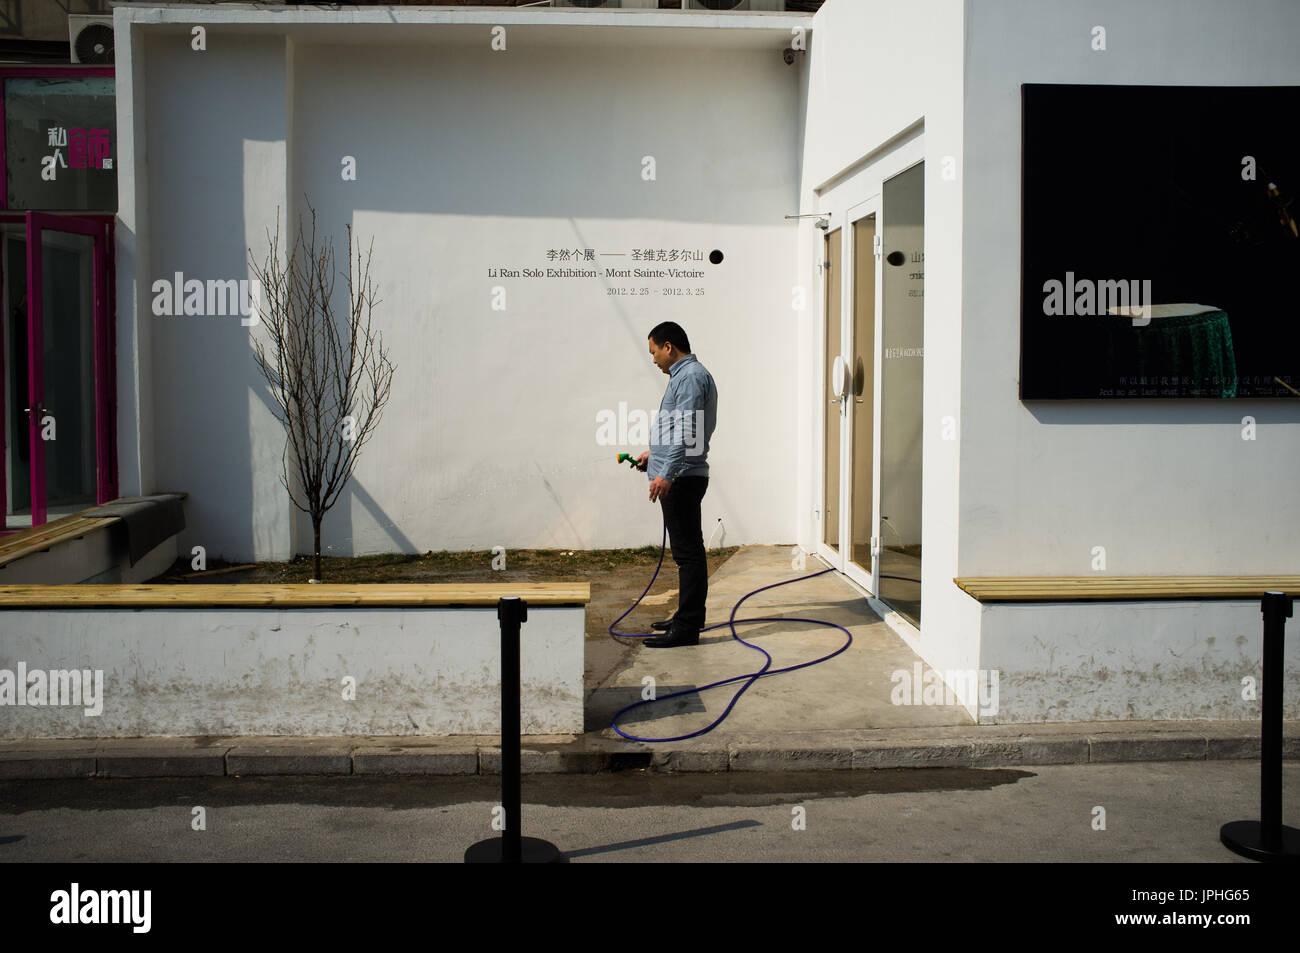 798 art discarica Beijing, China - Stock Image